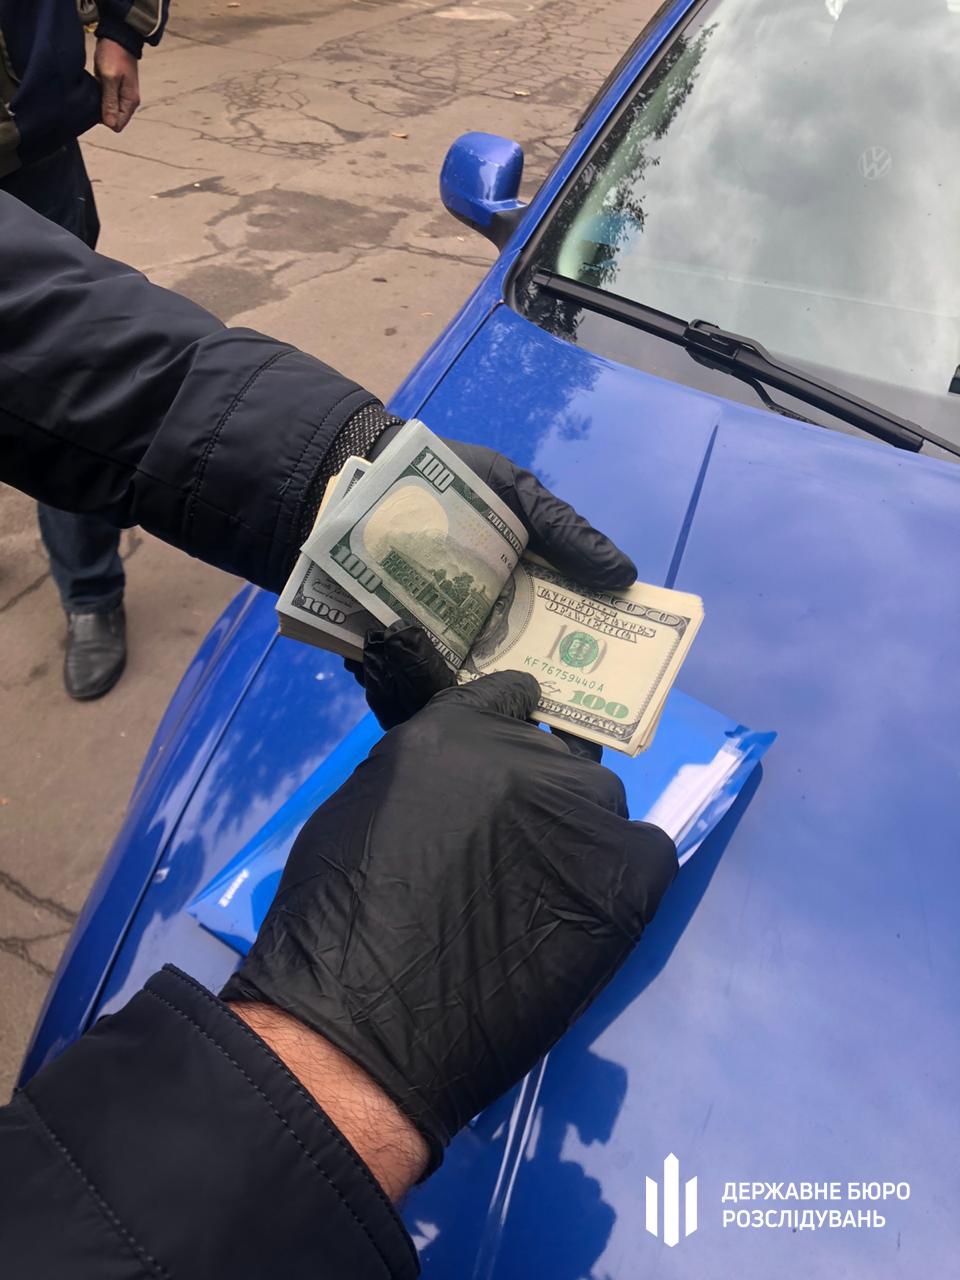 Хабарництво на Вінничині: начальник отримав 5 тис. доларів